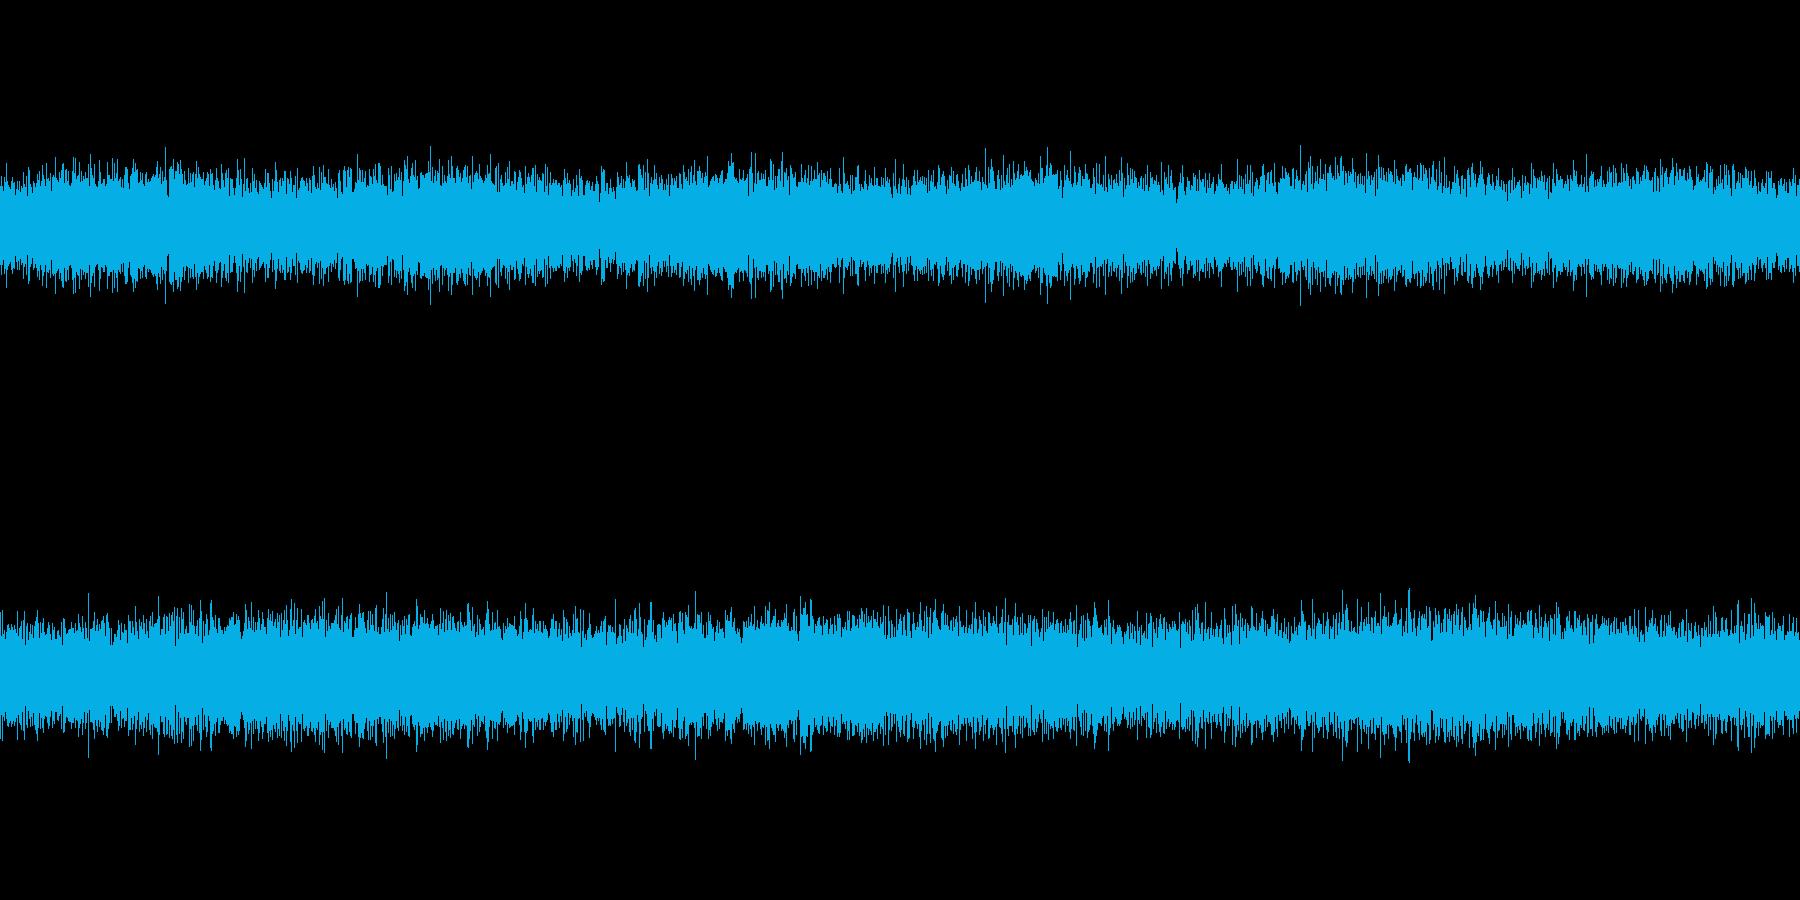 [風音1] 強風・暴風・環境音(ループ)の再生済みの波形